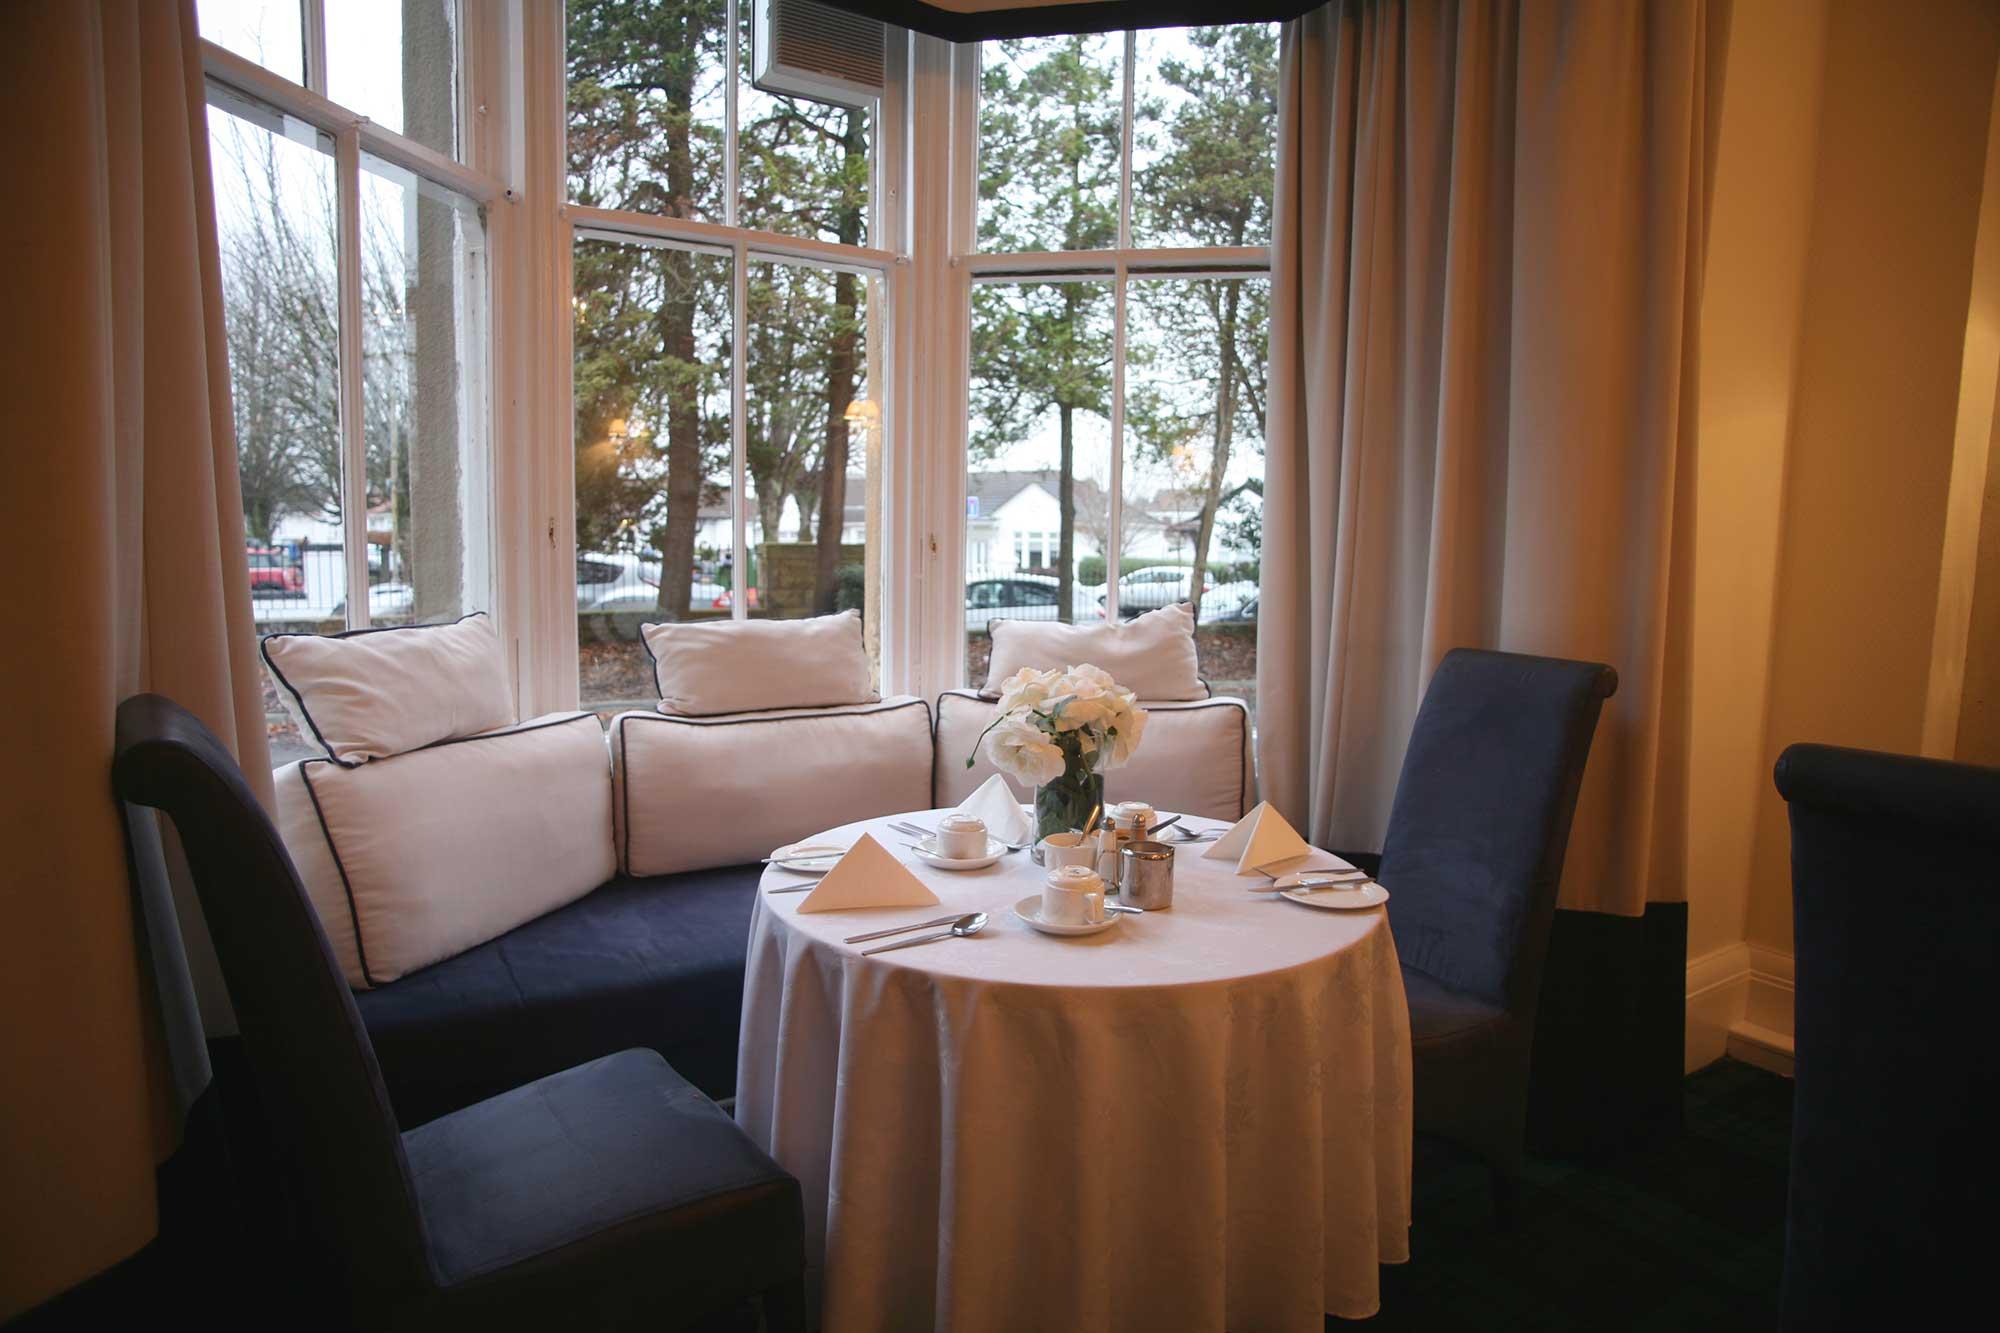 Crookston Hotel Lounge